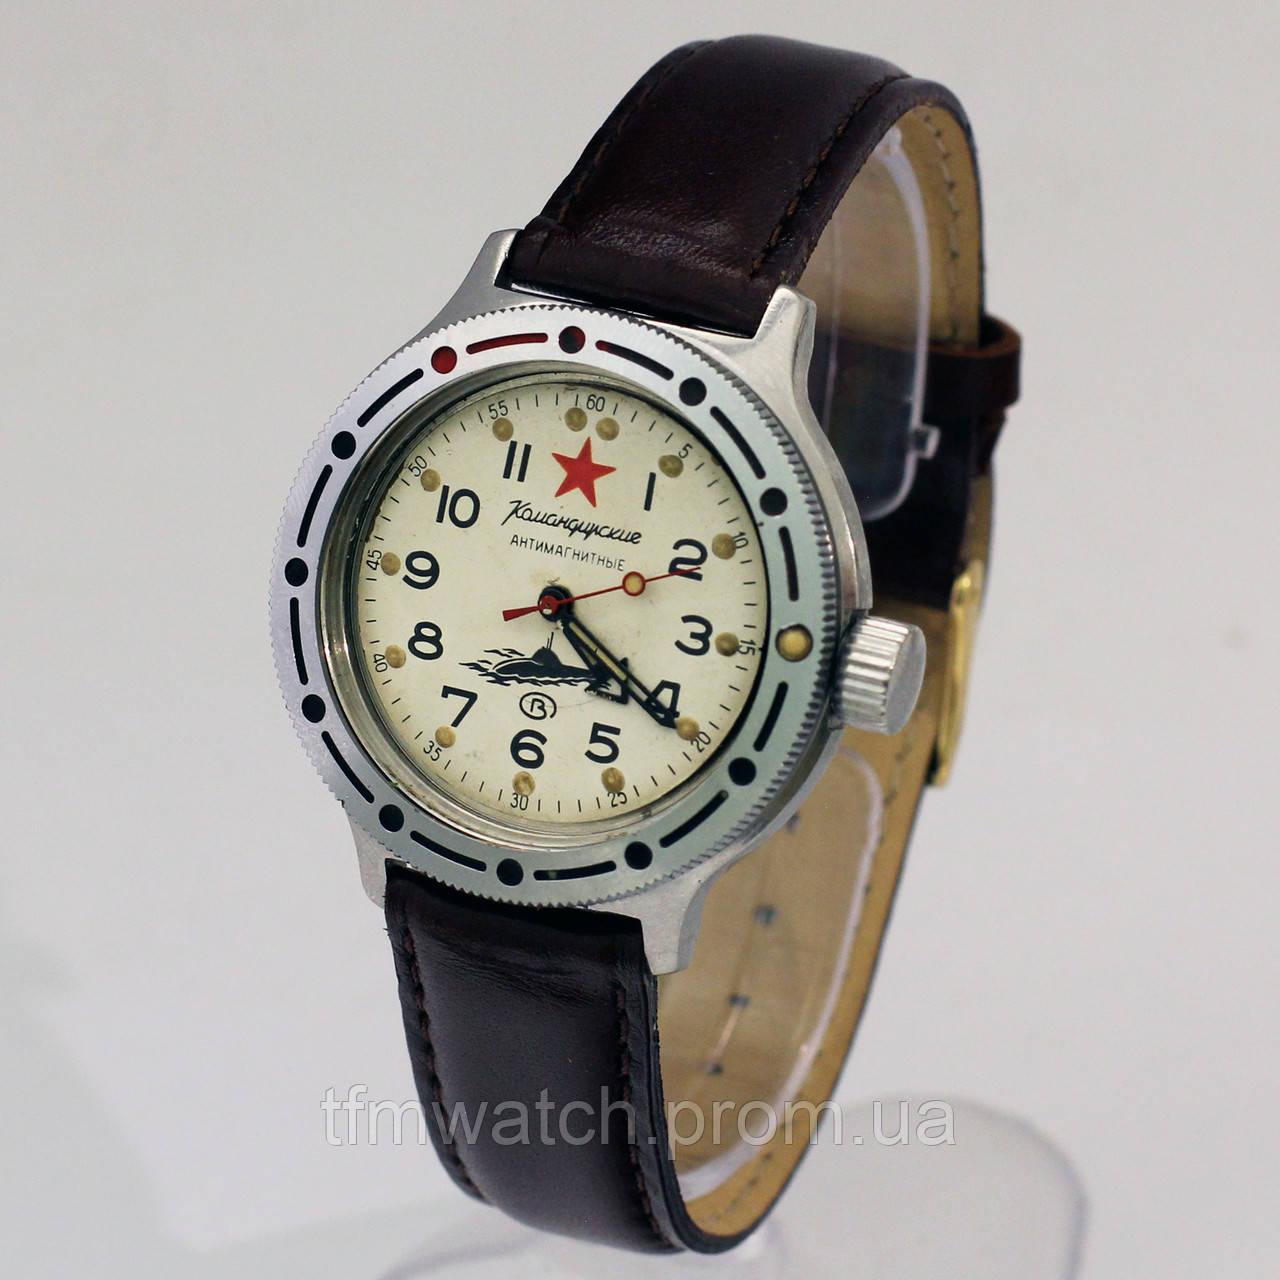 Оригинальные часы CASIO EDIFICE EFA- 121 D-1A. Магазин.